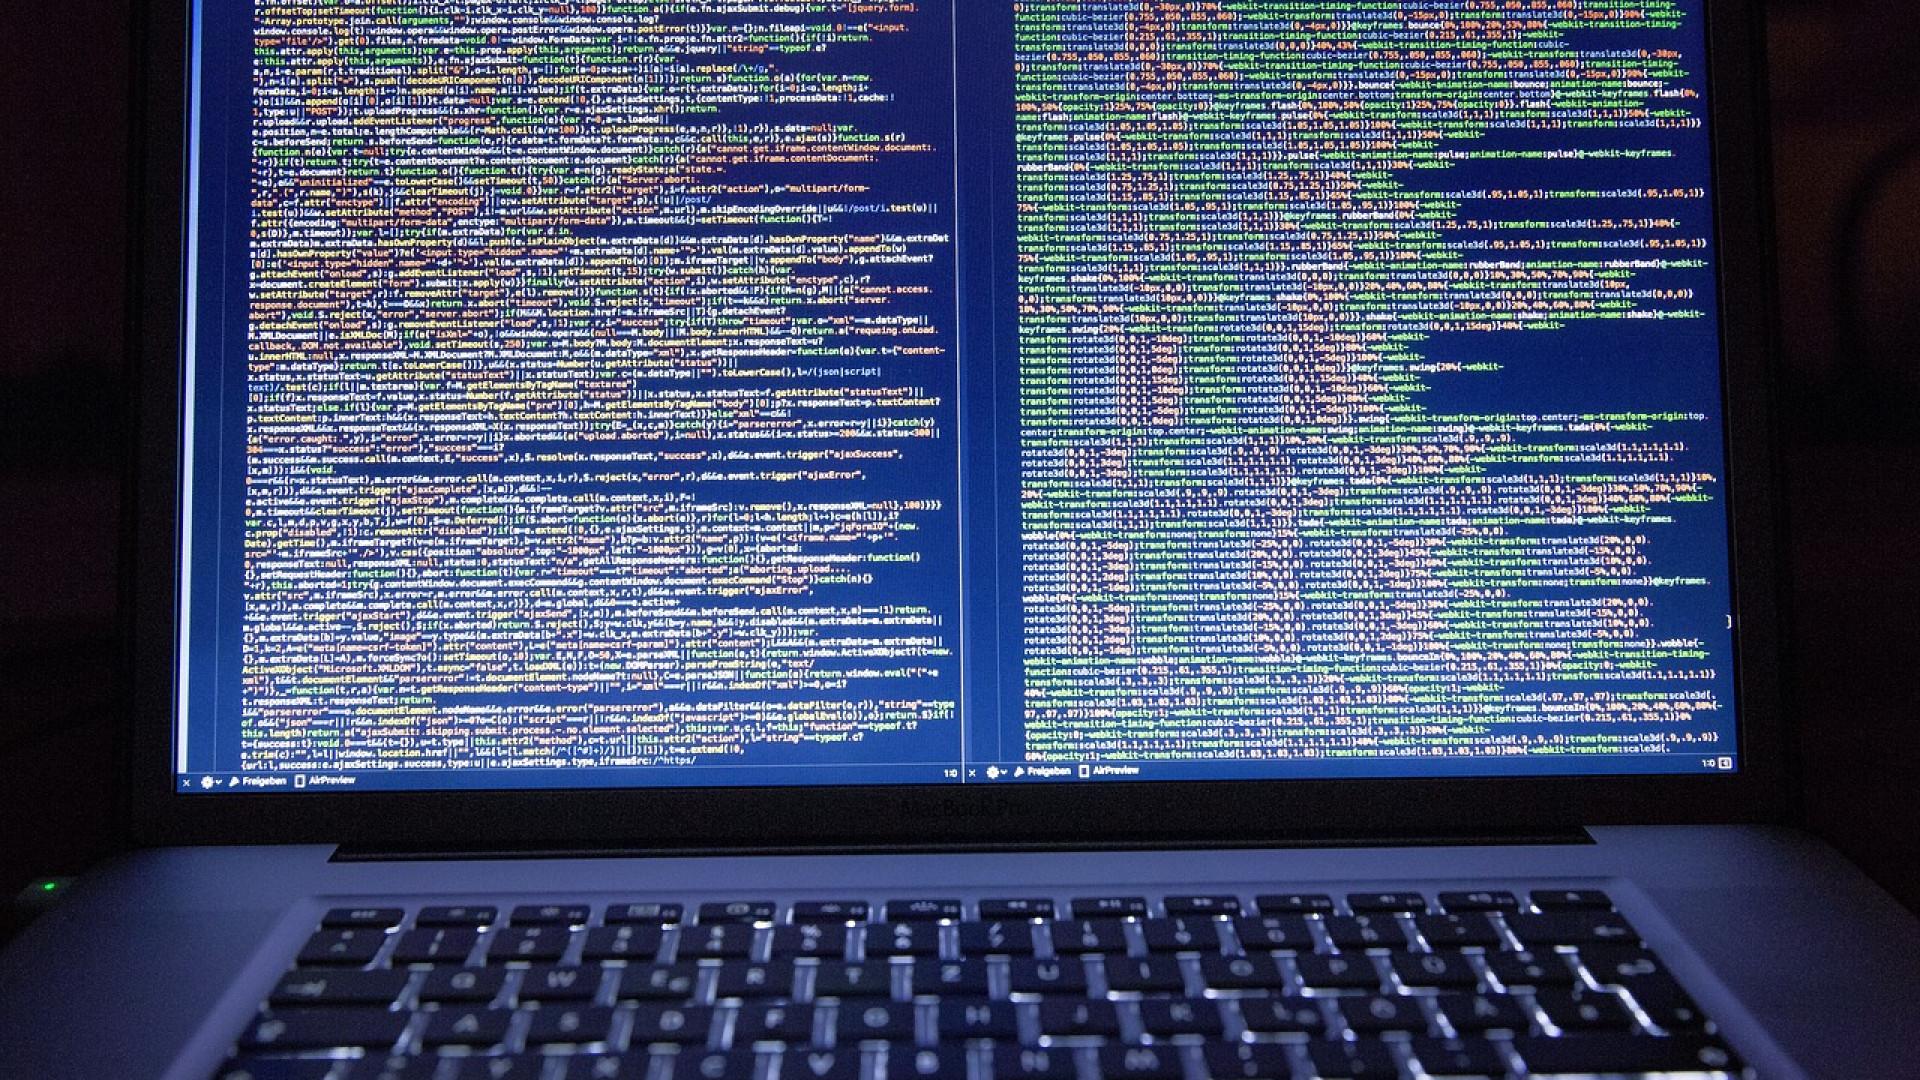 Création de site web : pourquoi faire appel à une agence professionnelle ?